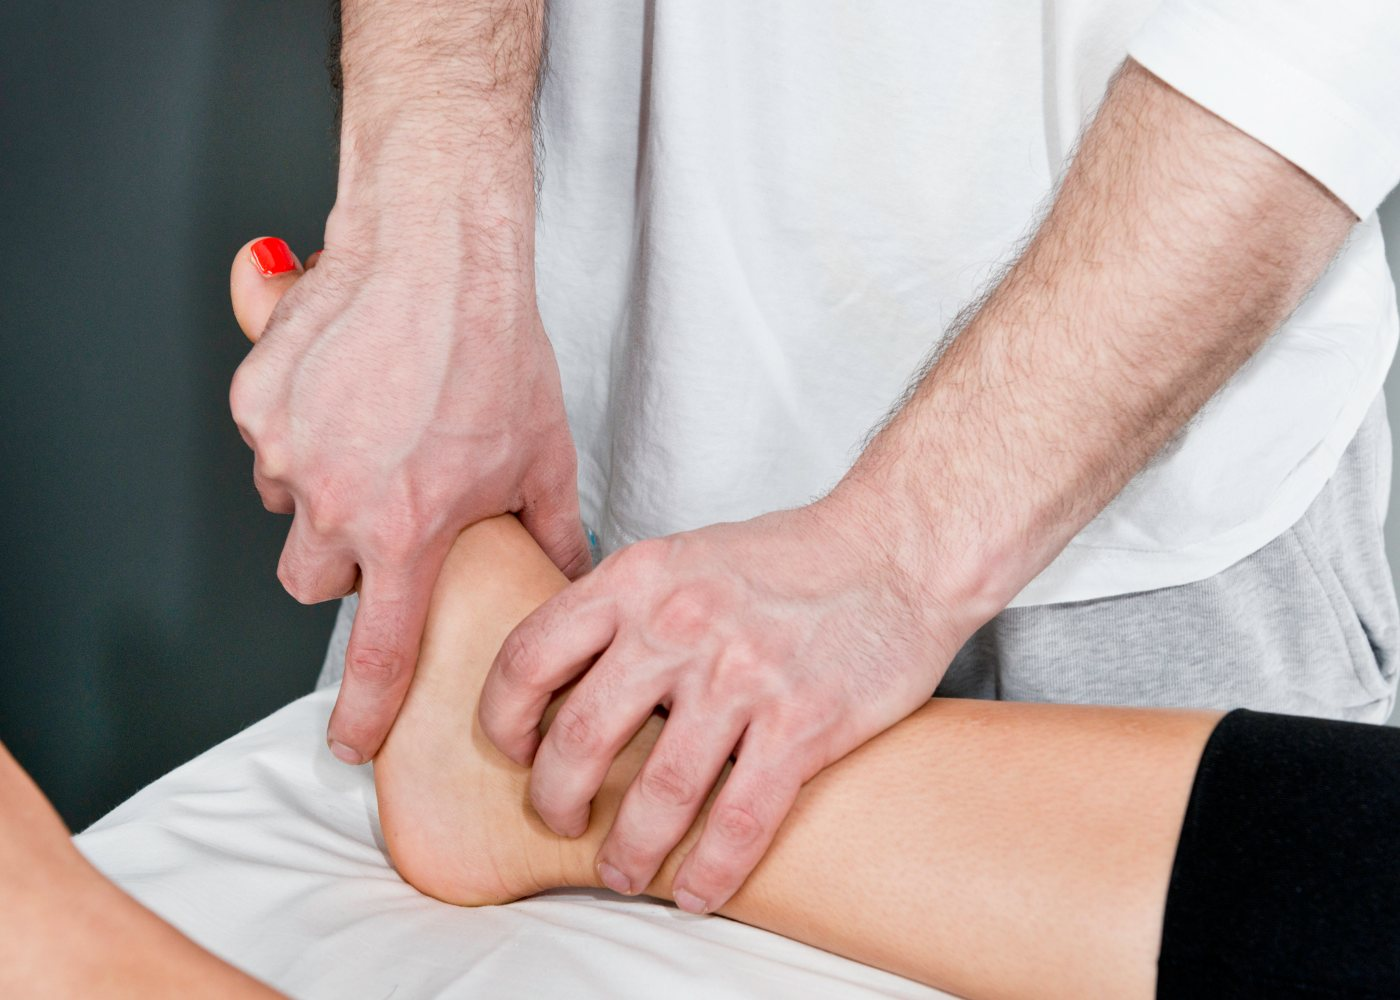 Médico a tratar pés inchados